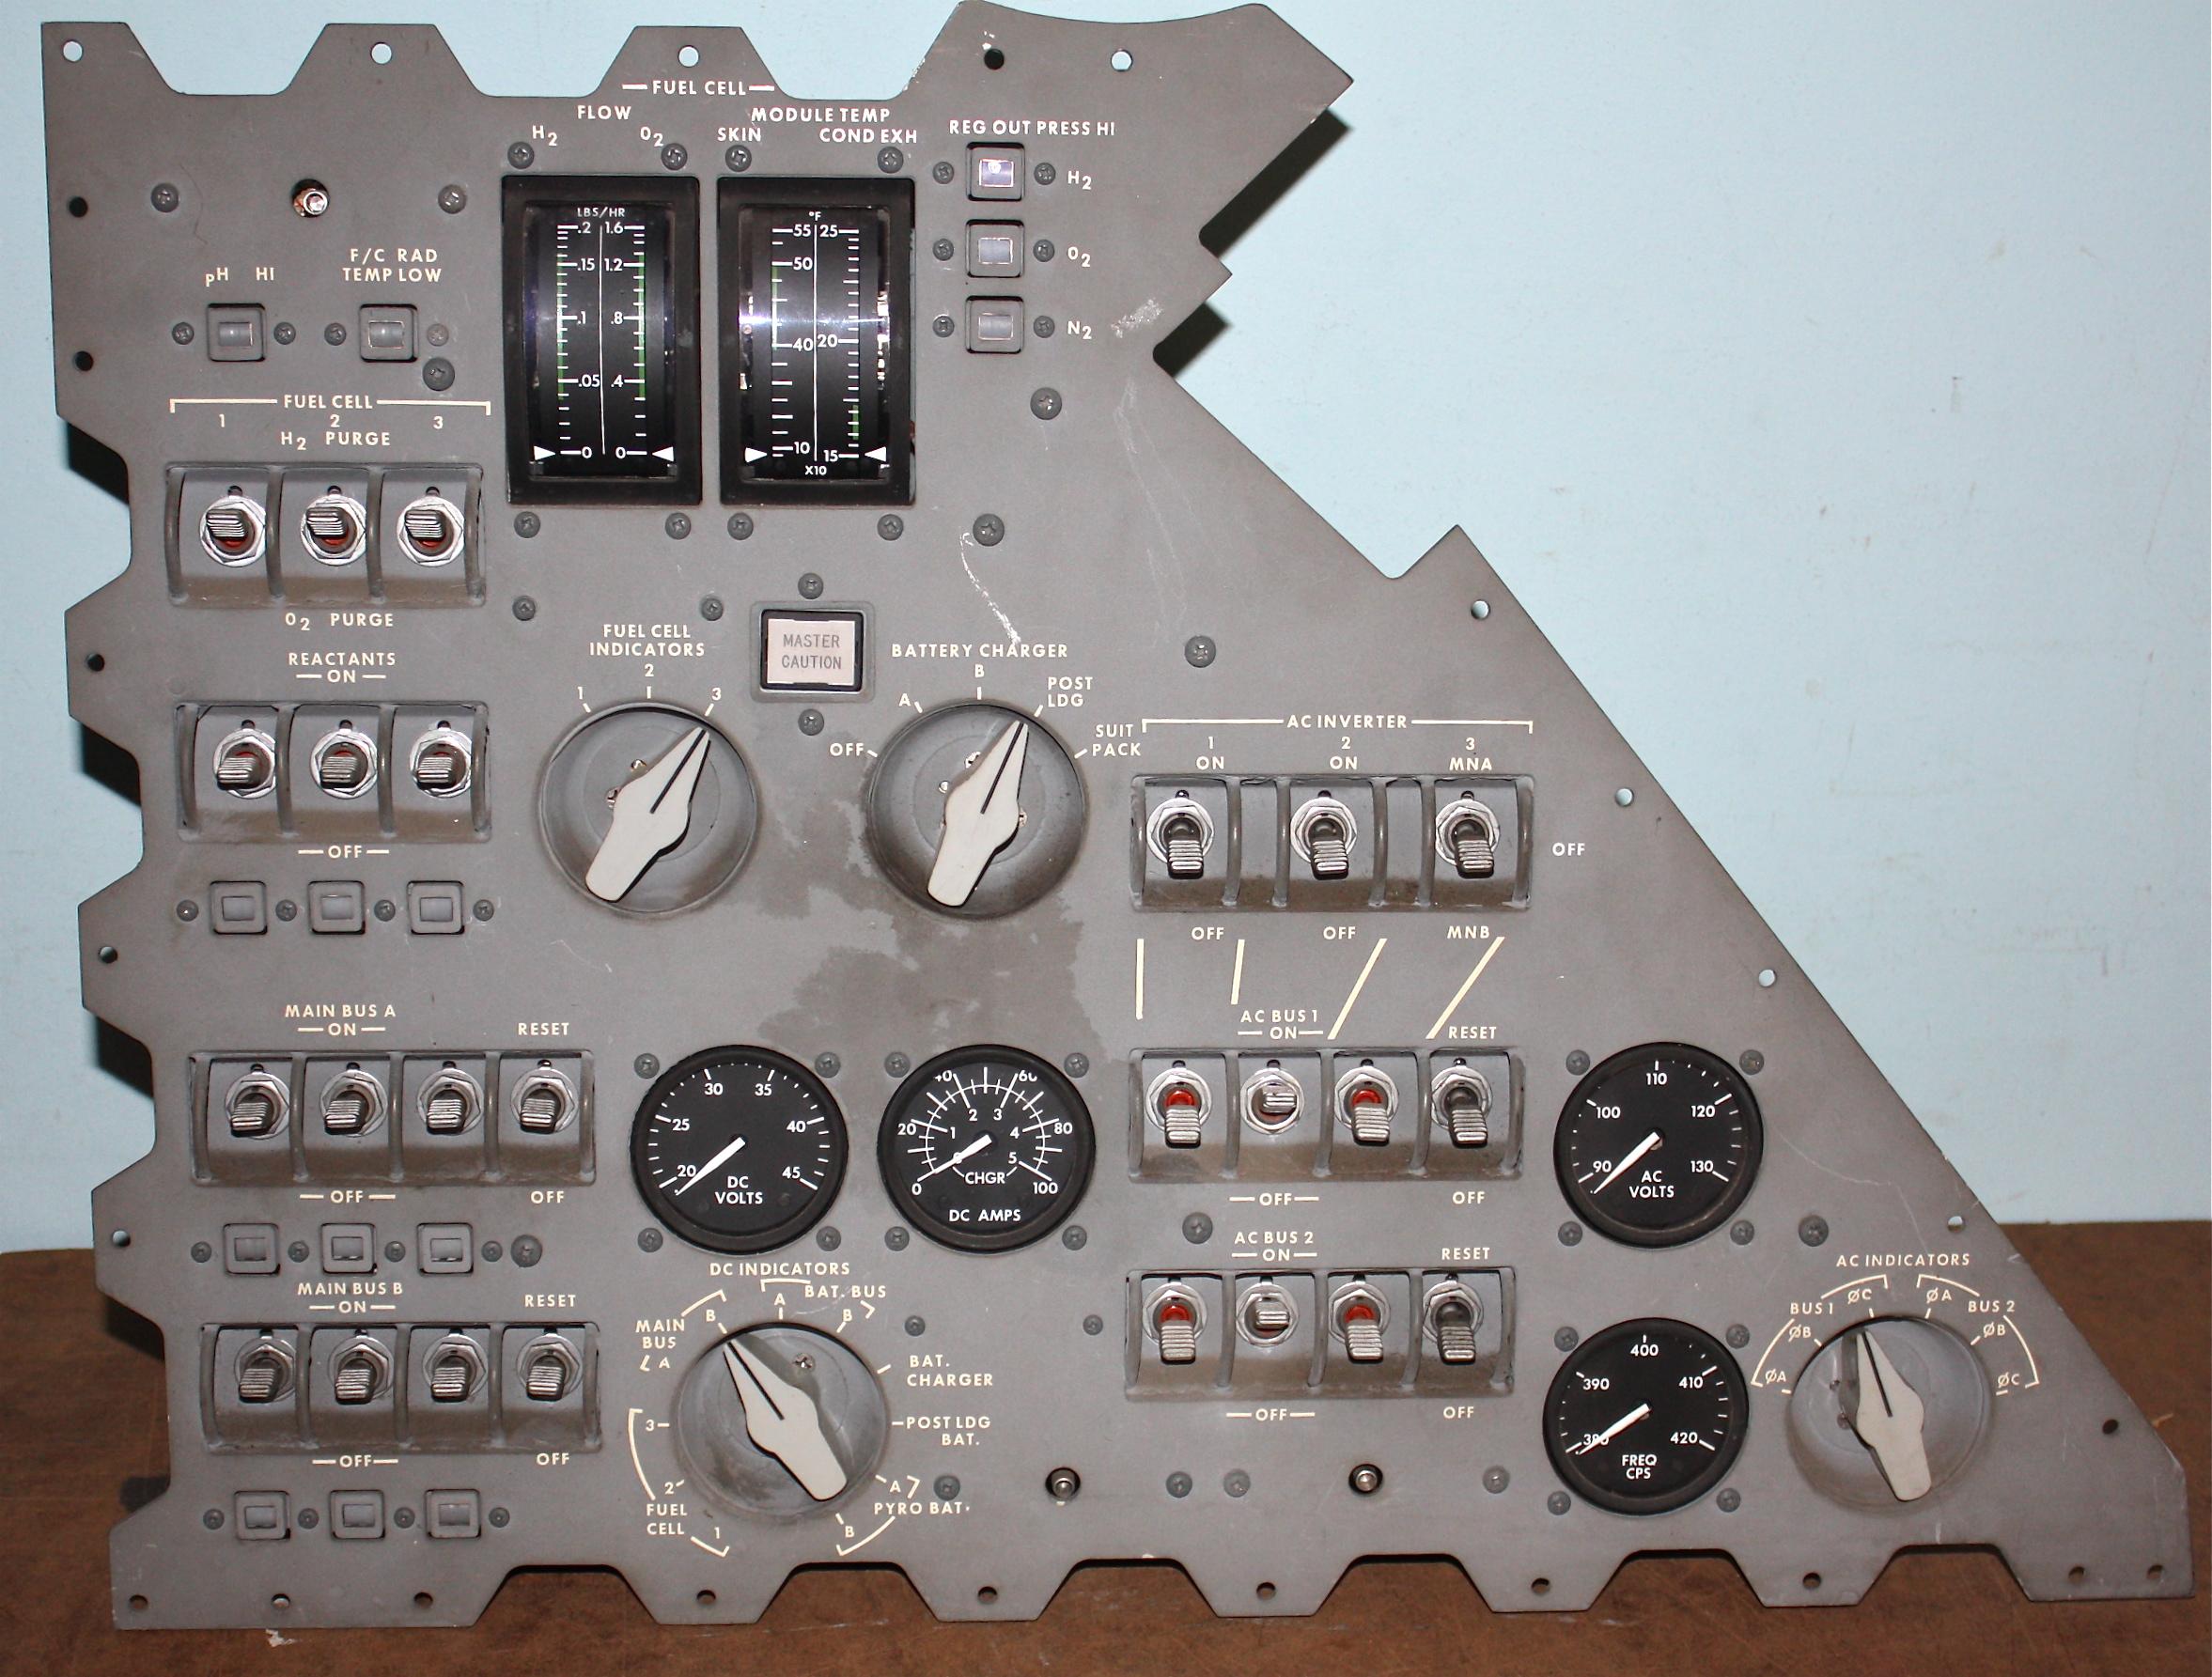 gemini spacecraft cockpit - photo #29